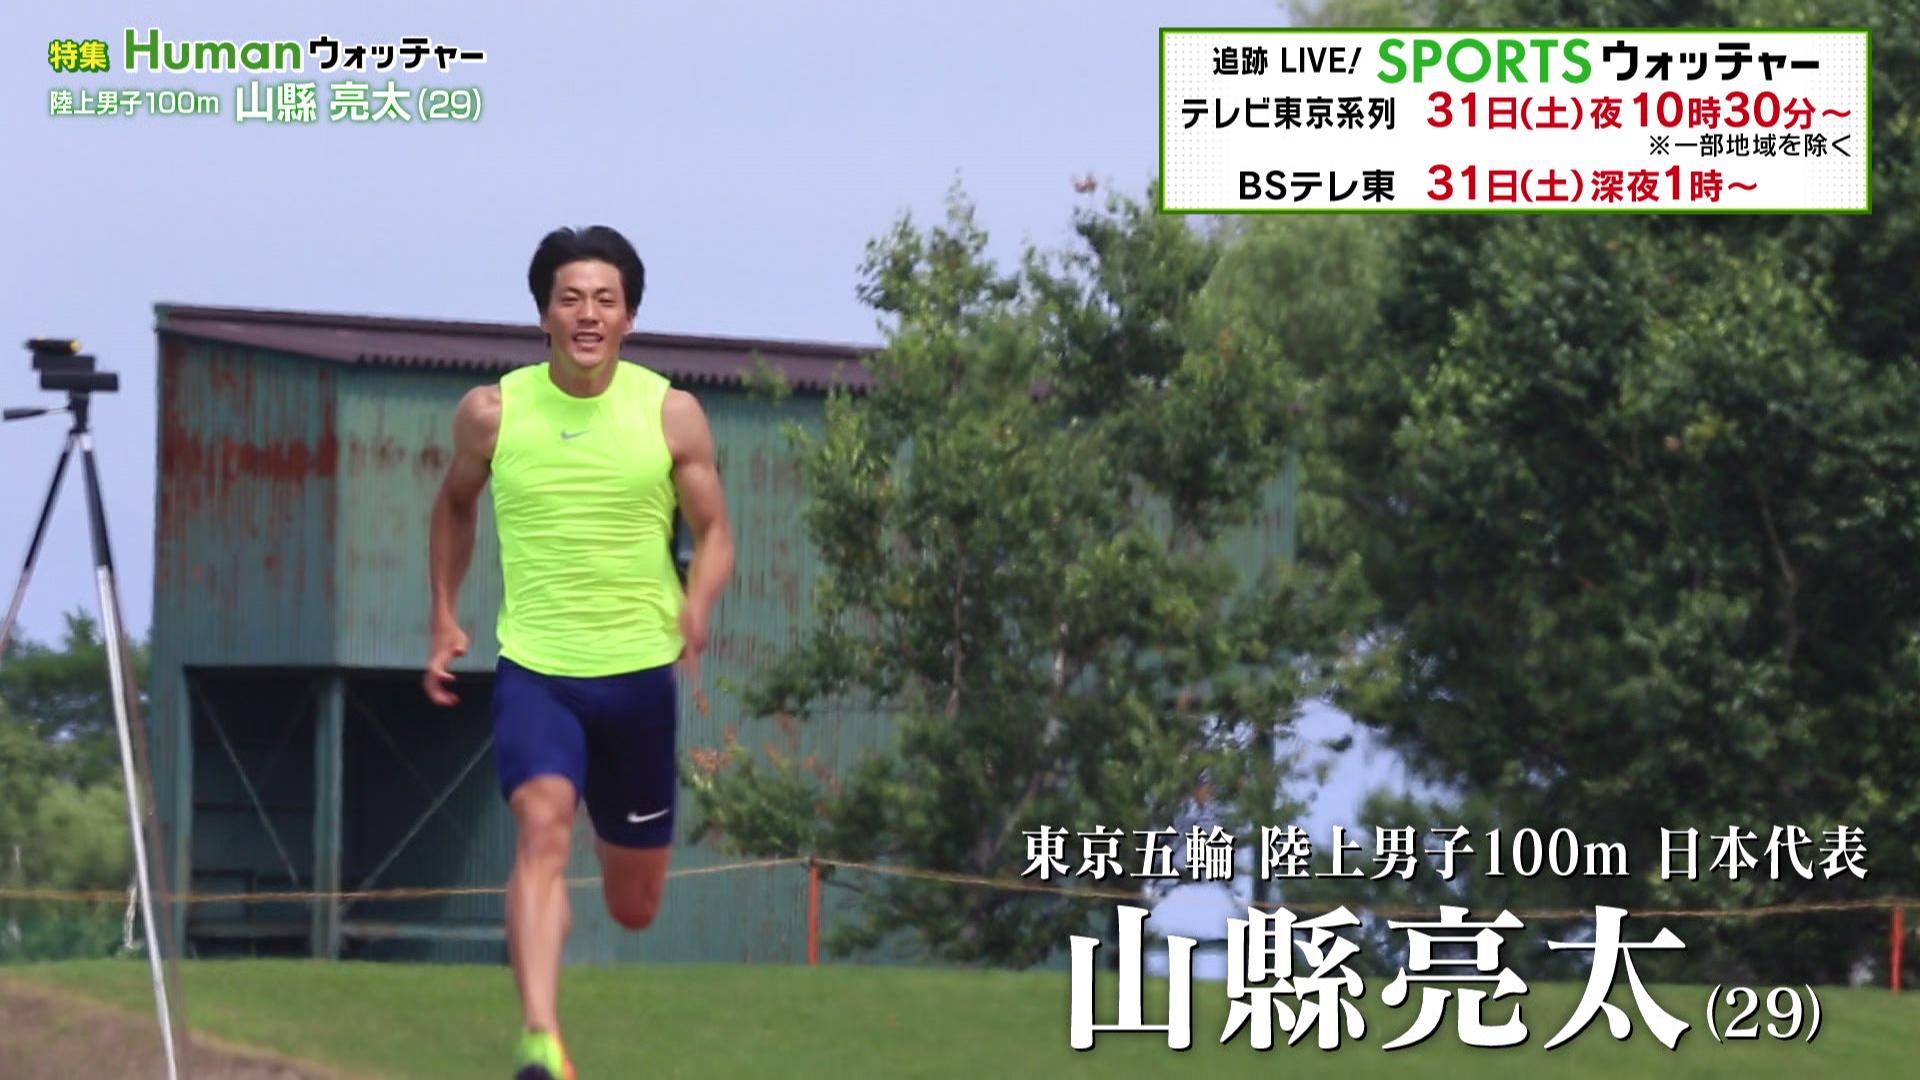 目指すは決勝の舞台!山縣亮太「100mが面白い途中」東京五輪 陸上男子100m 日本代表に密着/Humanウォッチャー